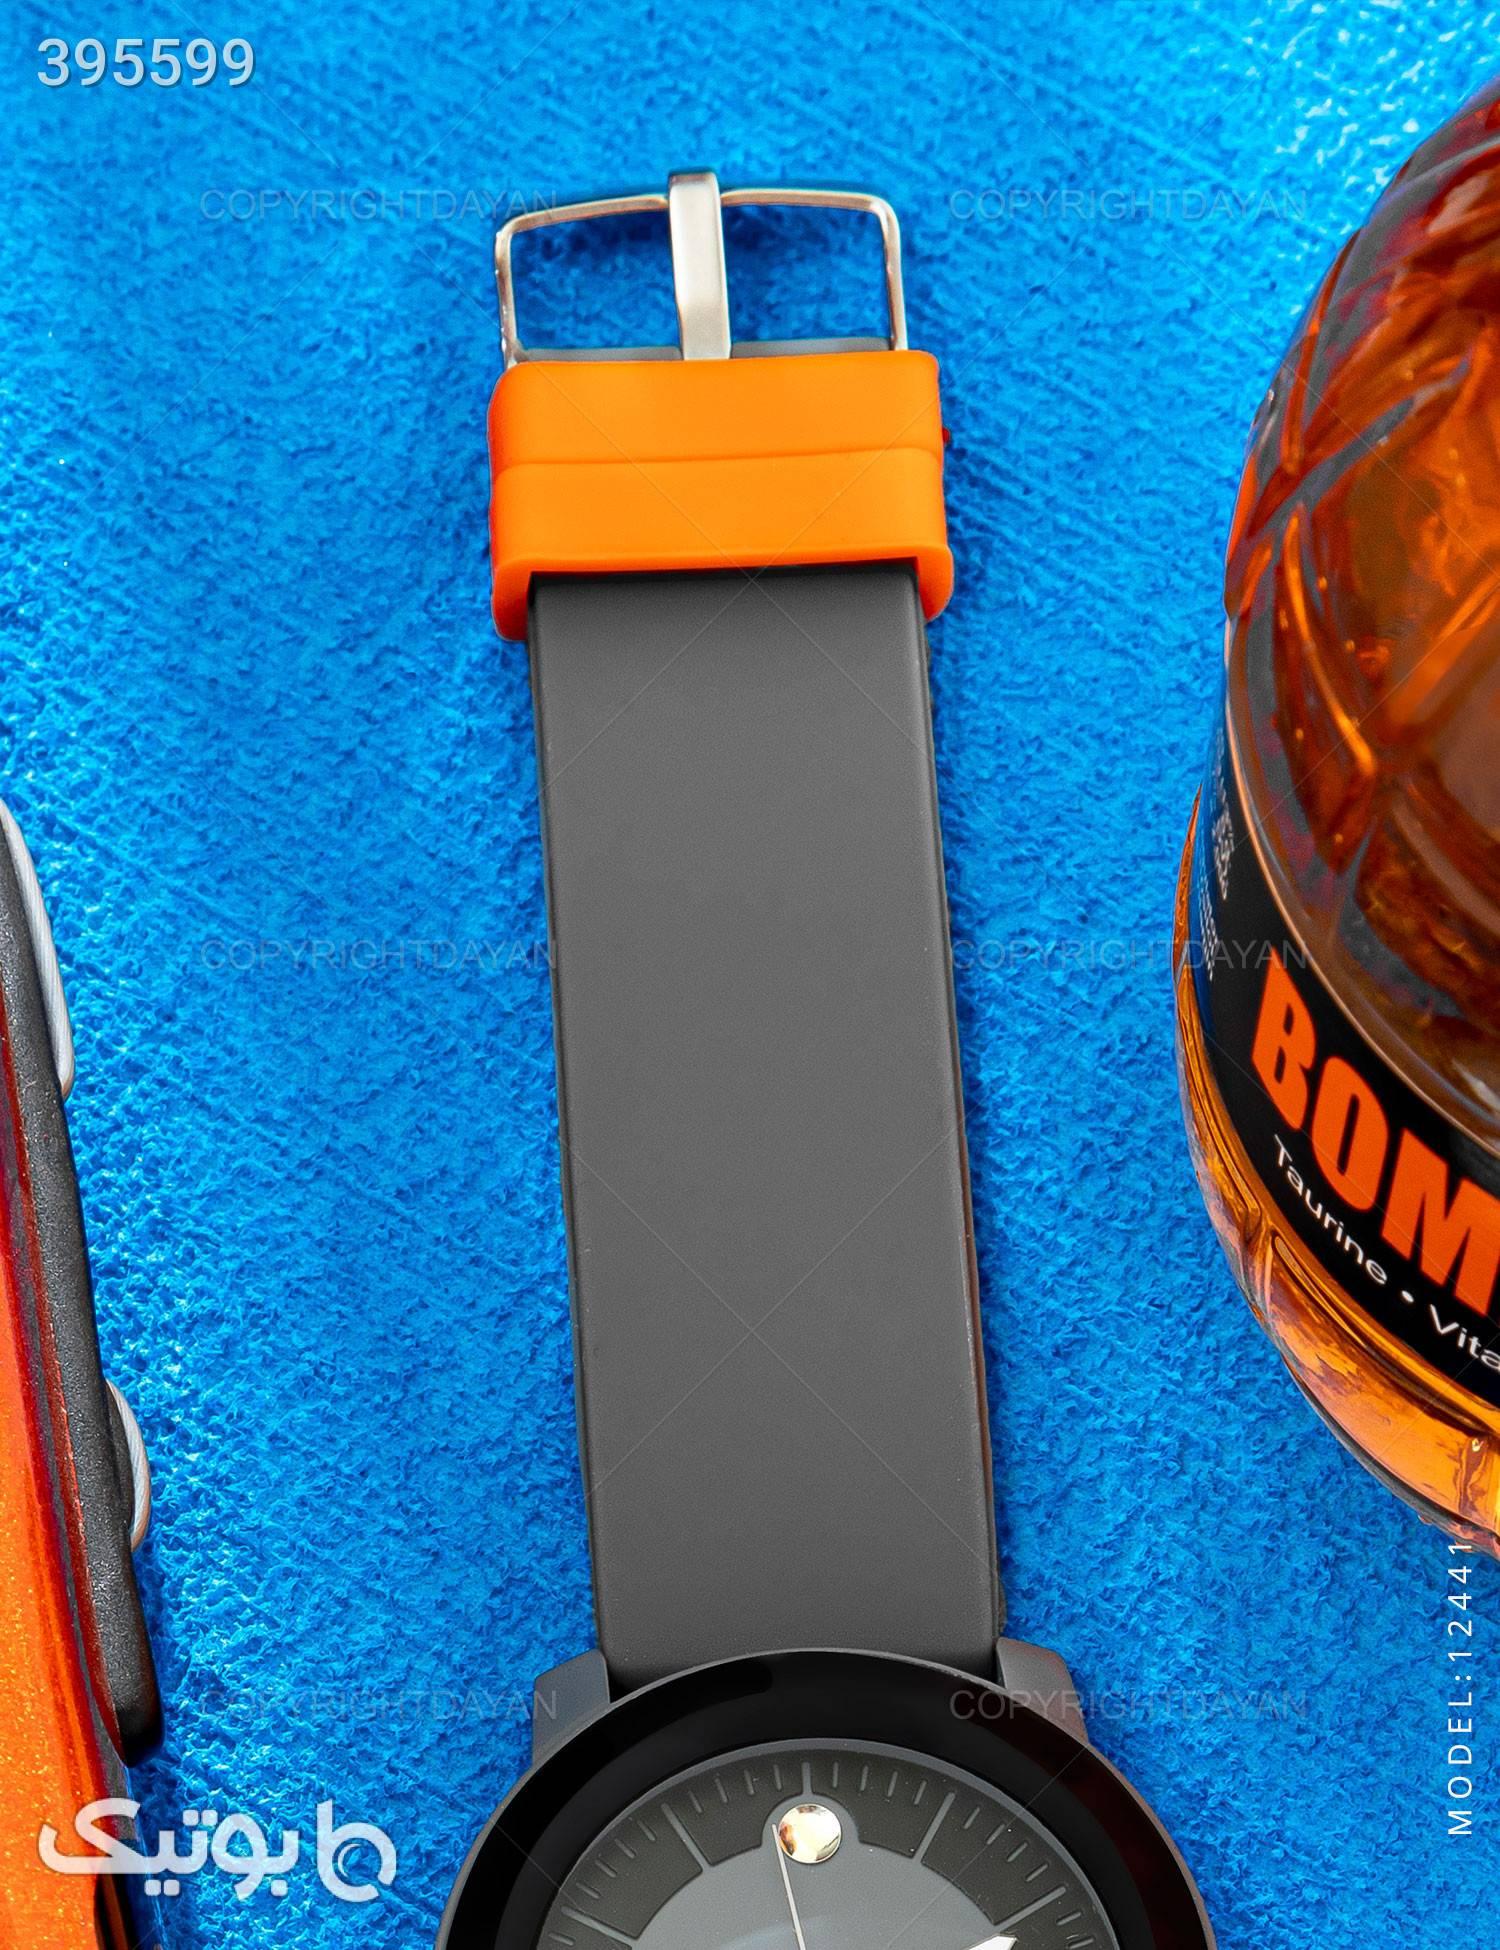 ساعت مچی مردانه Araz مدل 12441 طوسی ساعت